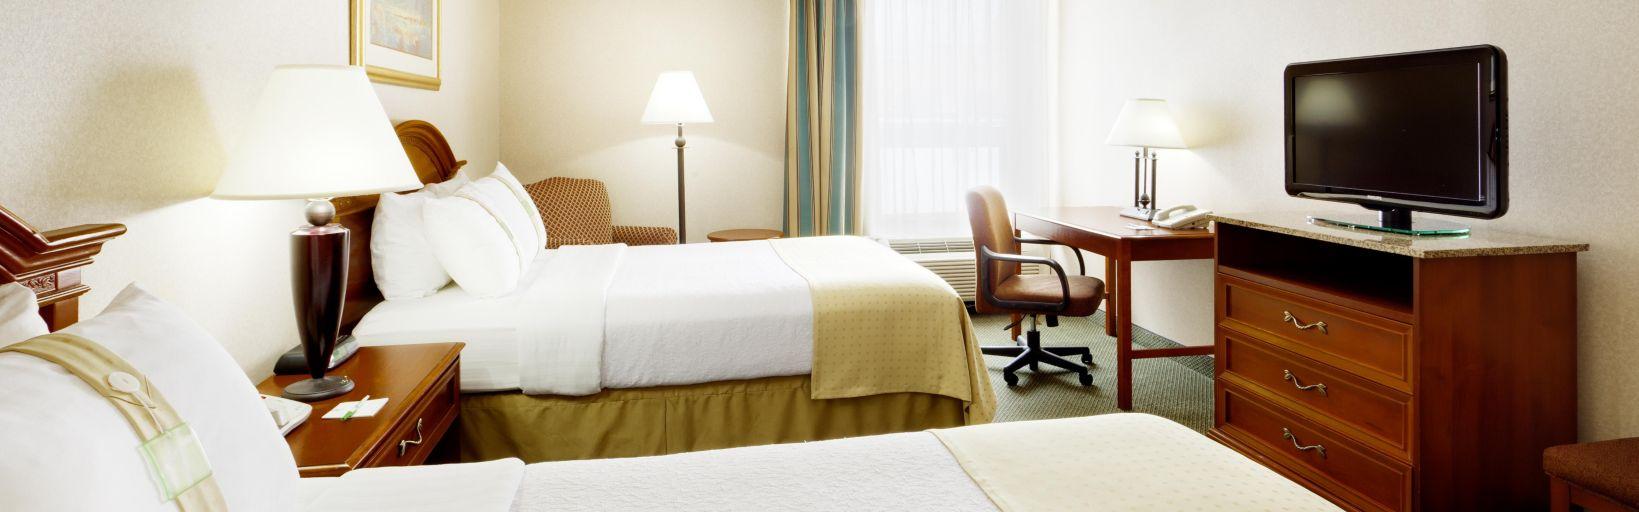 Holiday Inn Utica Hotel by IHG